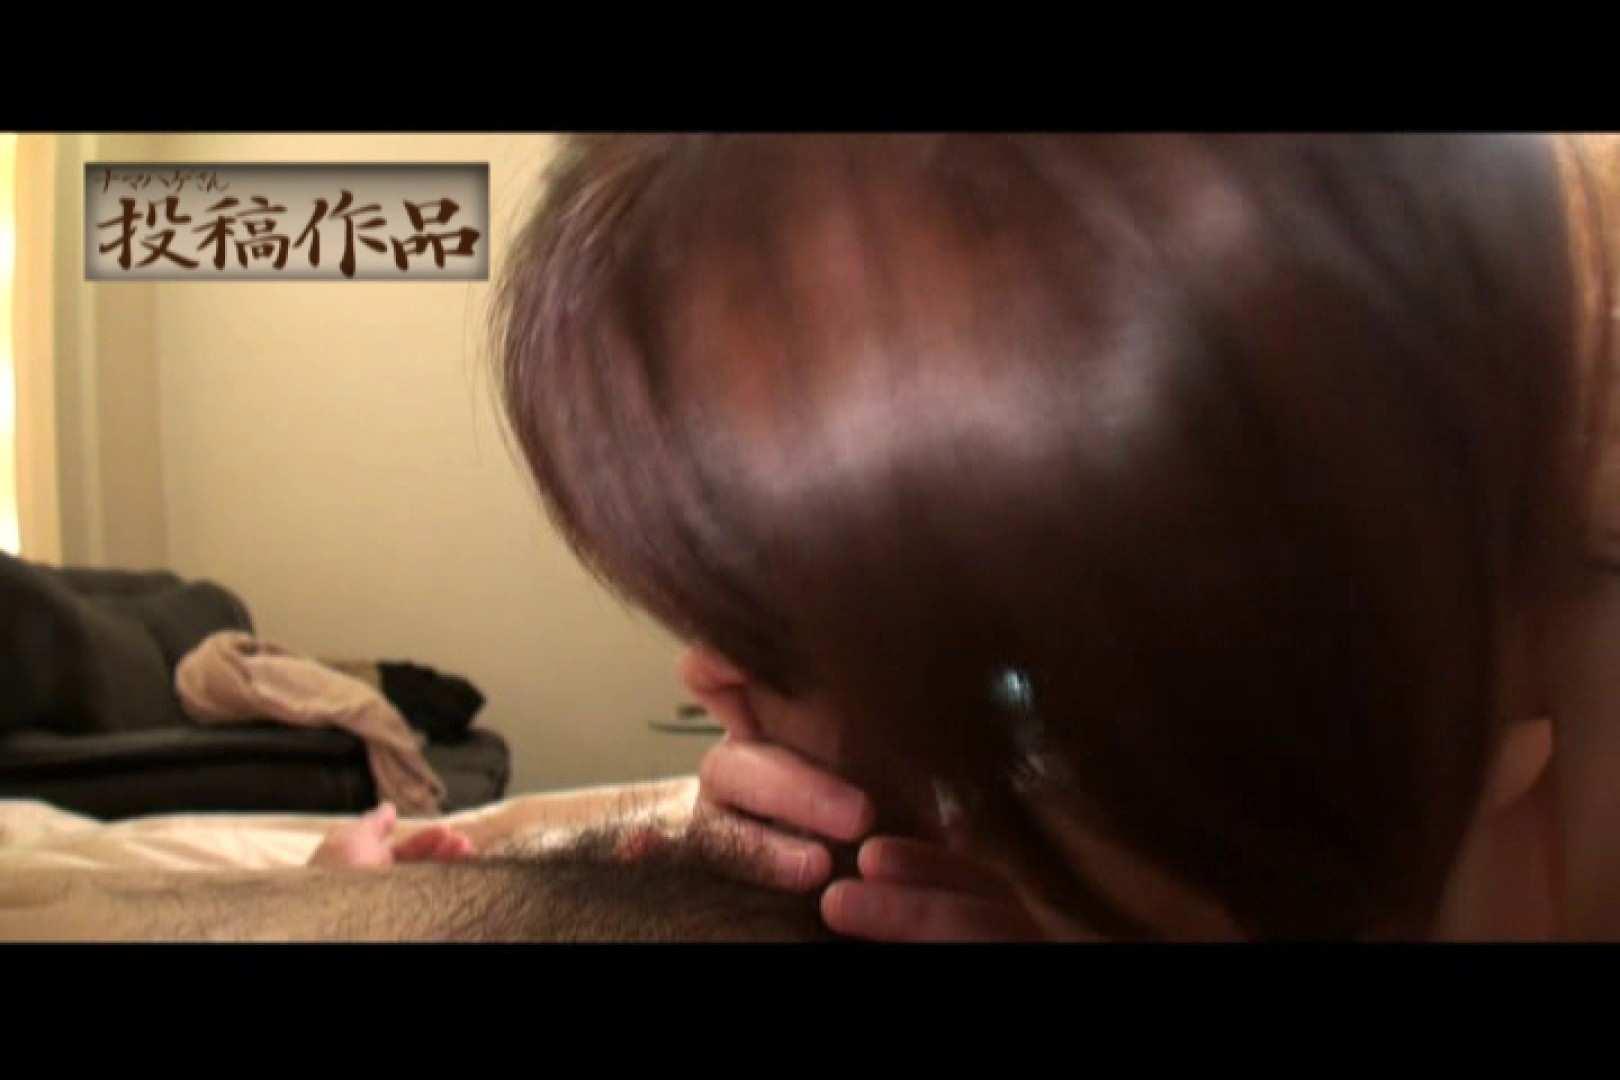 ナマハゲさんのまんこコレクションmayumi02 パイパン映像  106pic 28